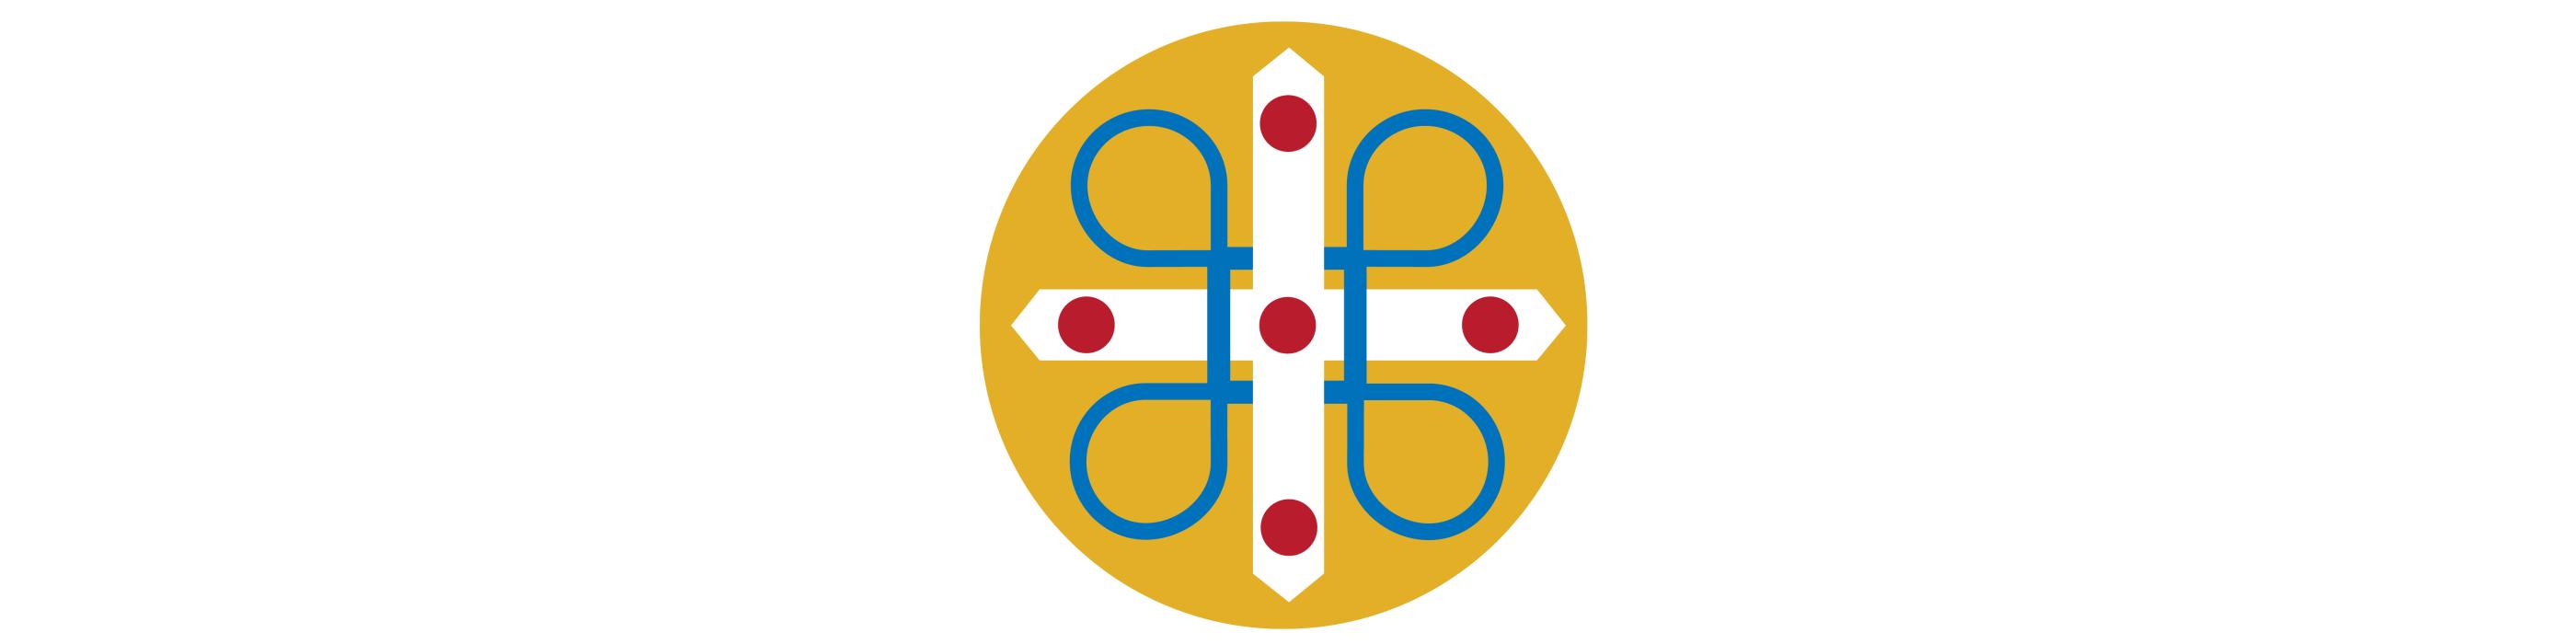 PC symbol färg